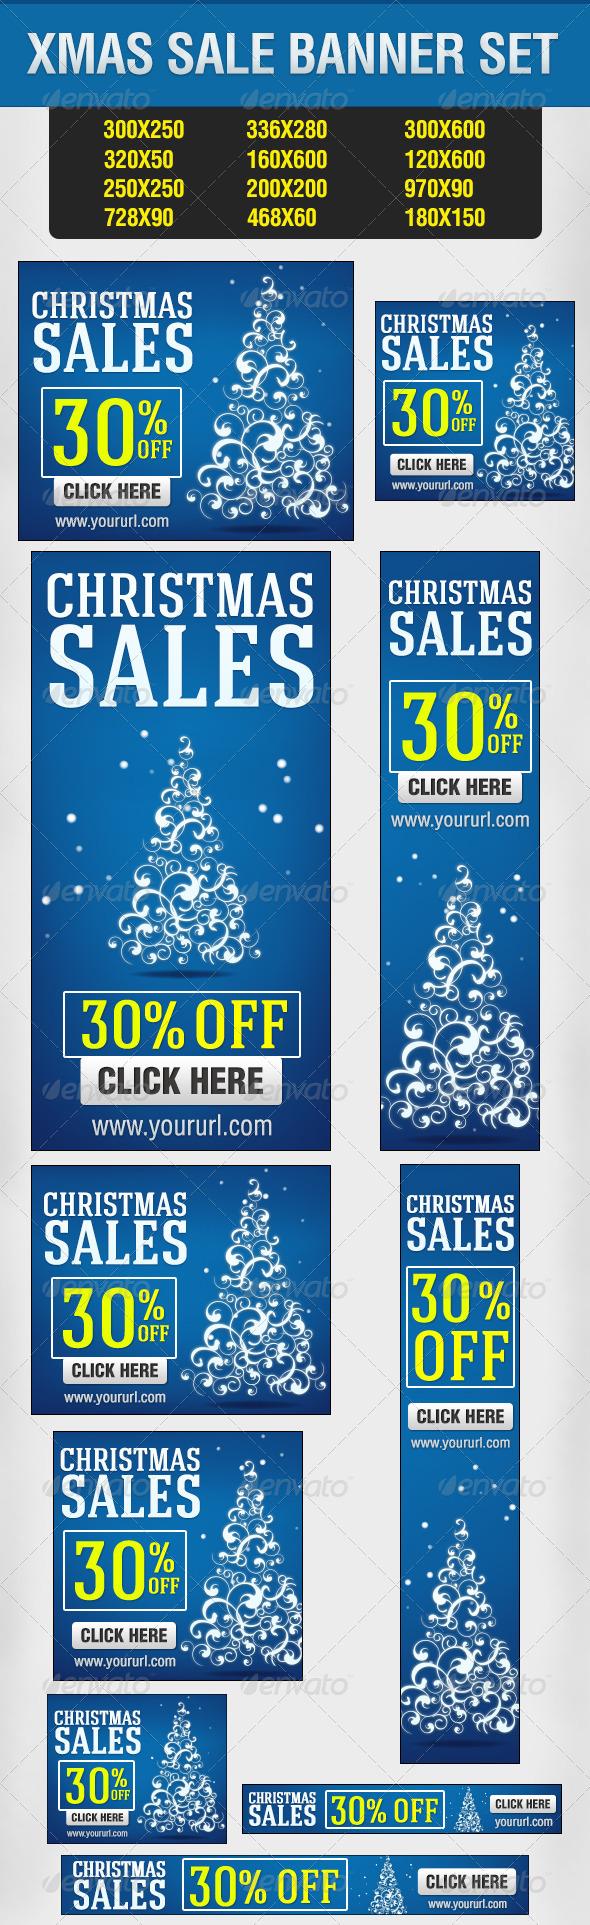 GraphicRiver Christmas Sale Banner Set 6391111